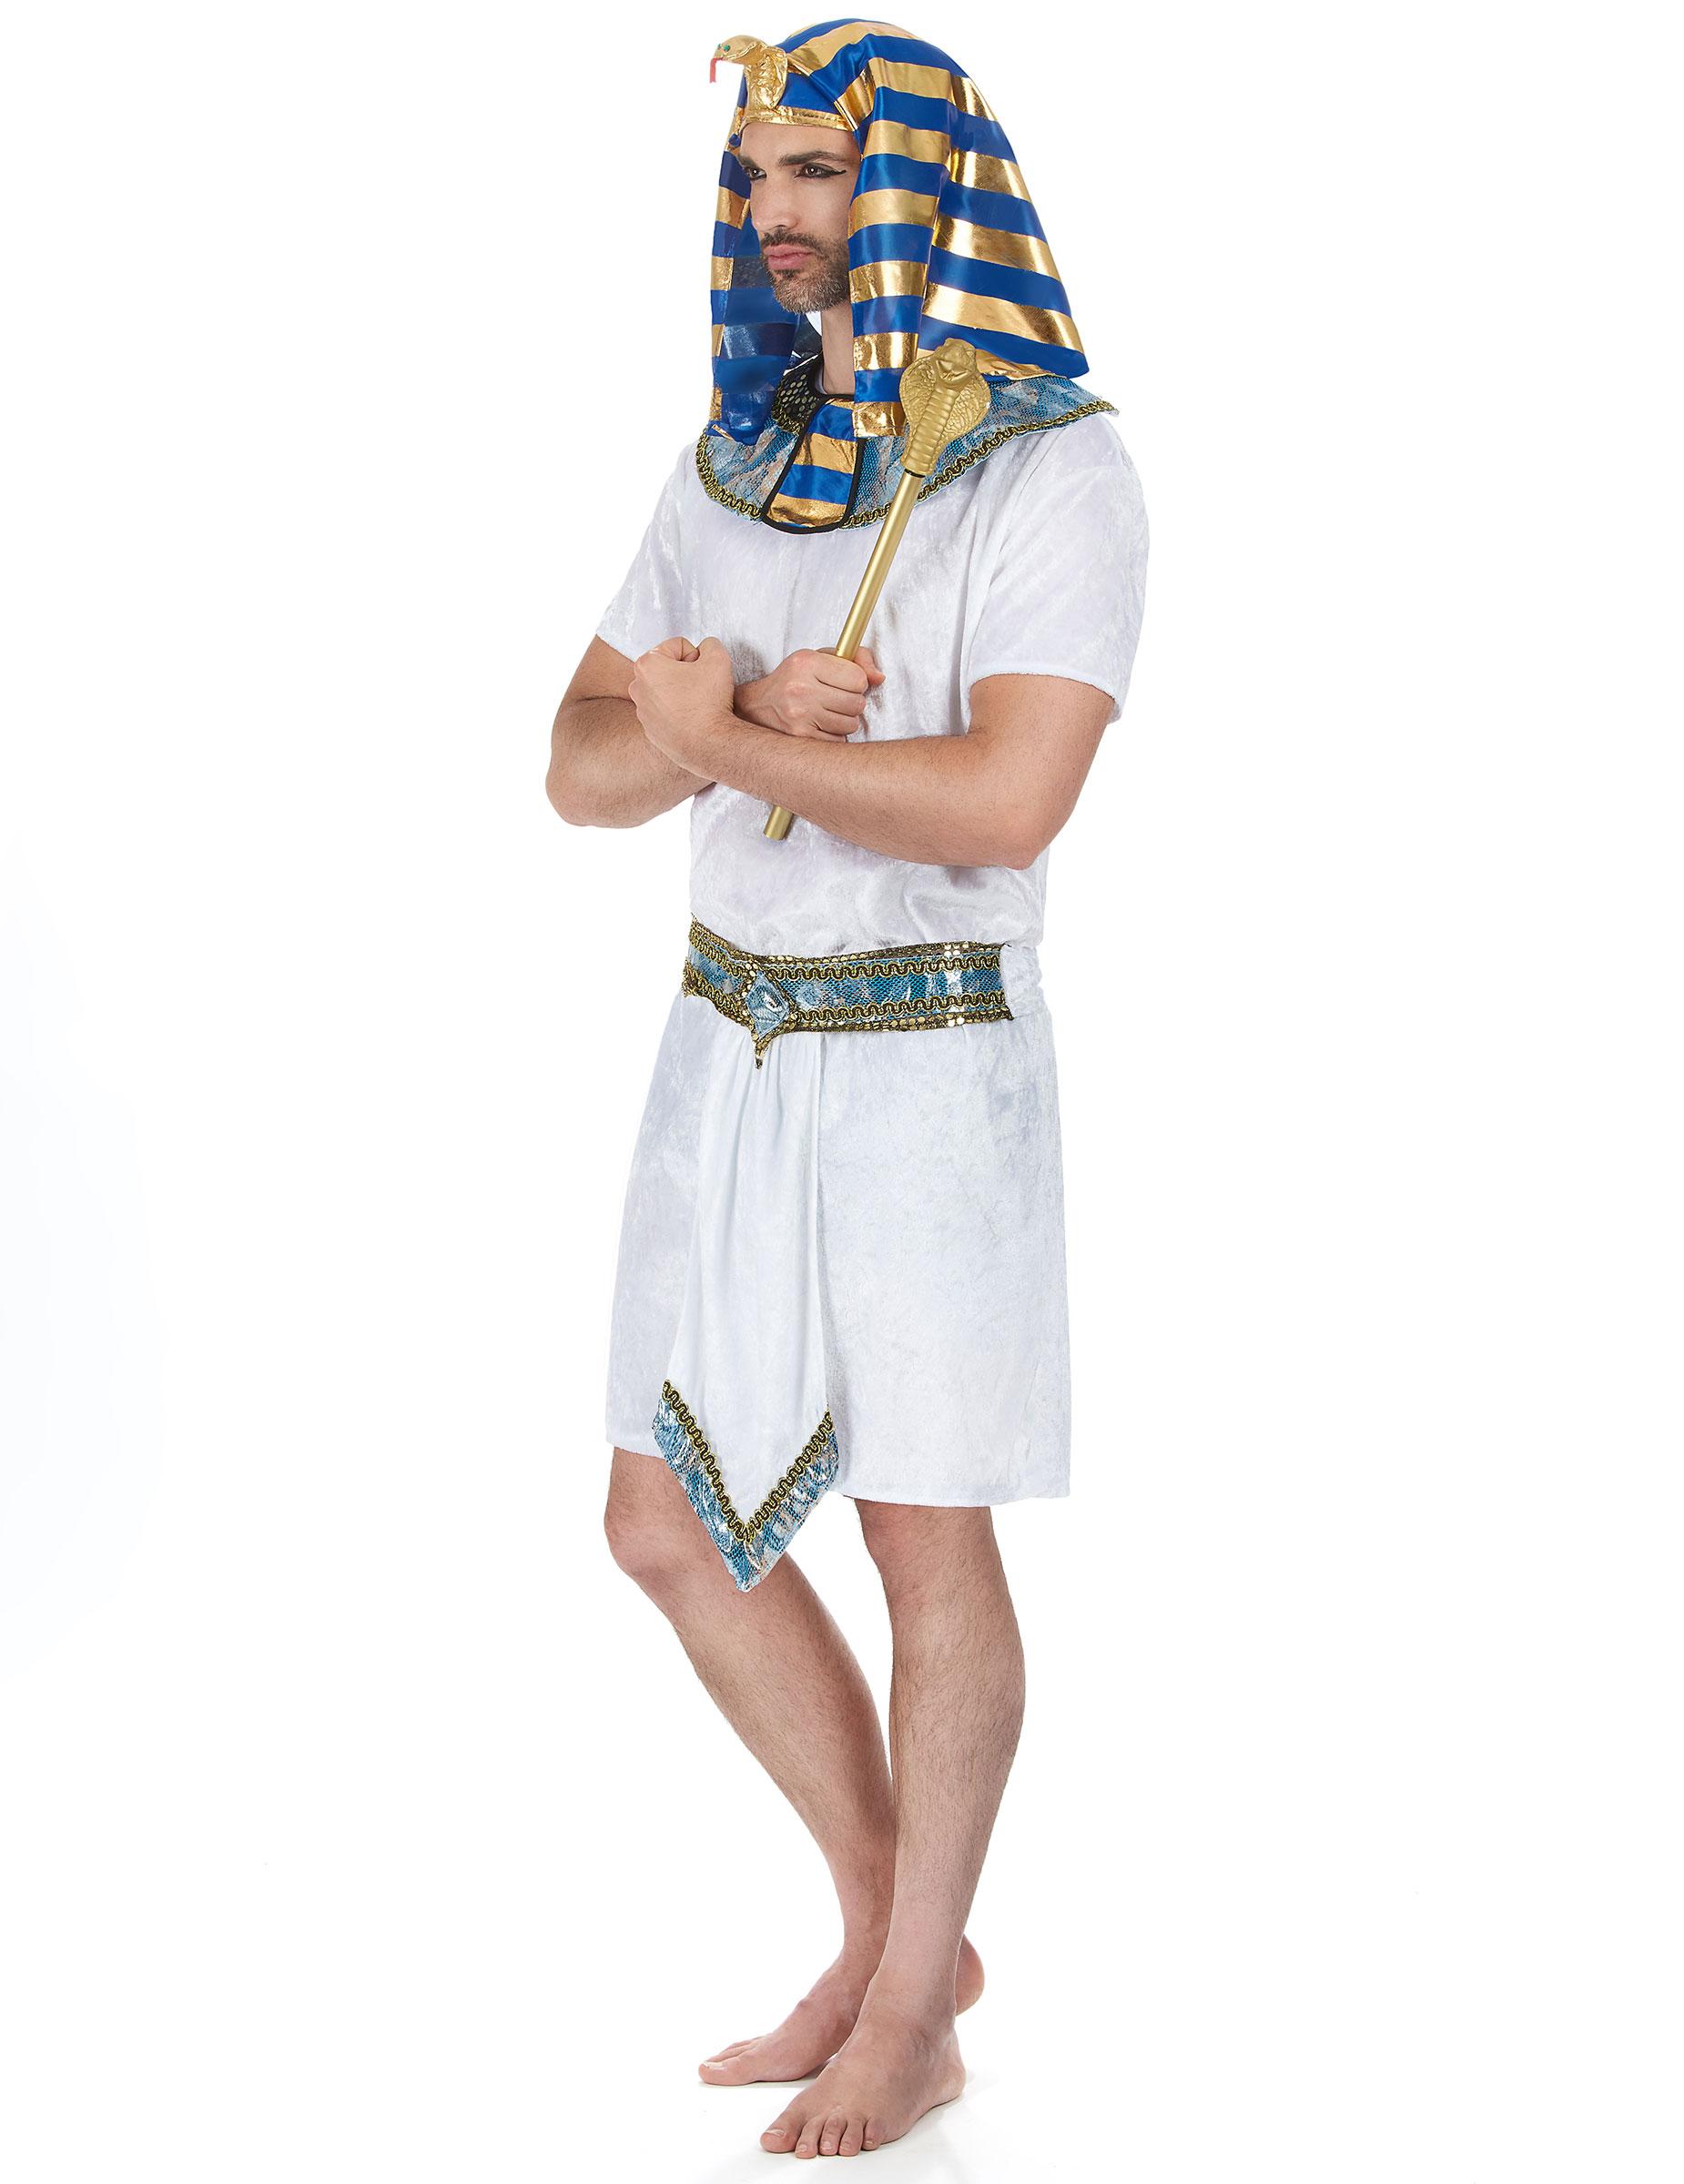 pharaonen kost m f r herren kost me f r erwachsene und. Black Bedroom Furniture Sets. Home Design Ideas